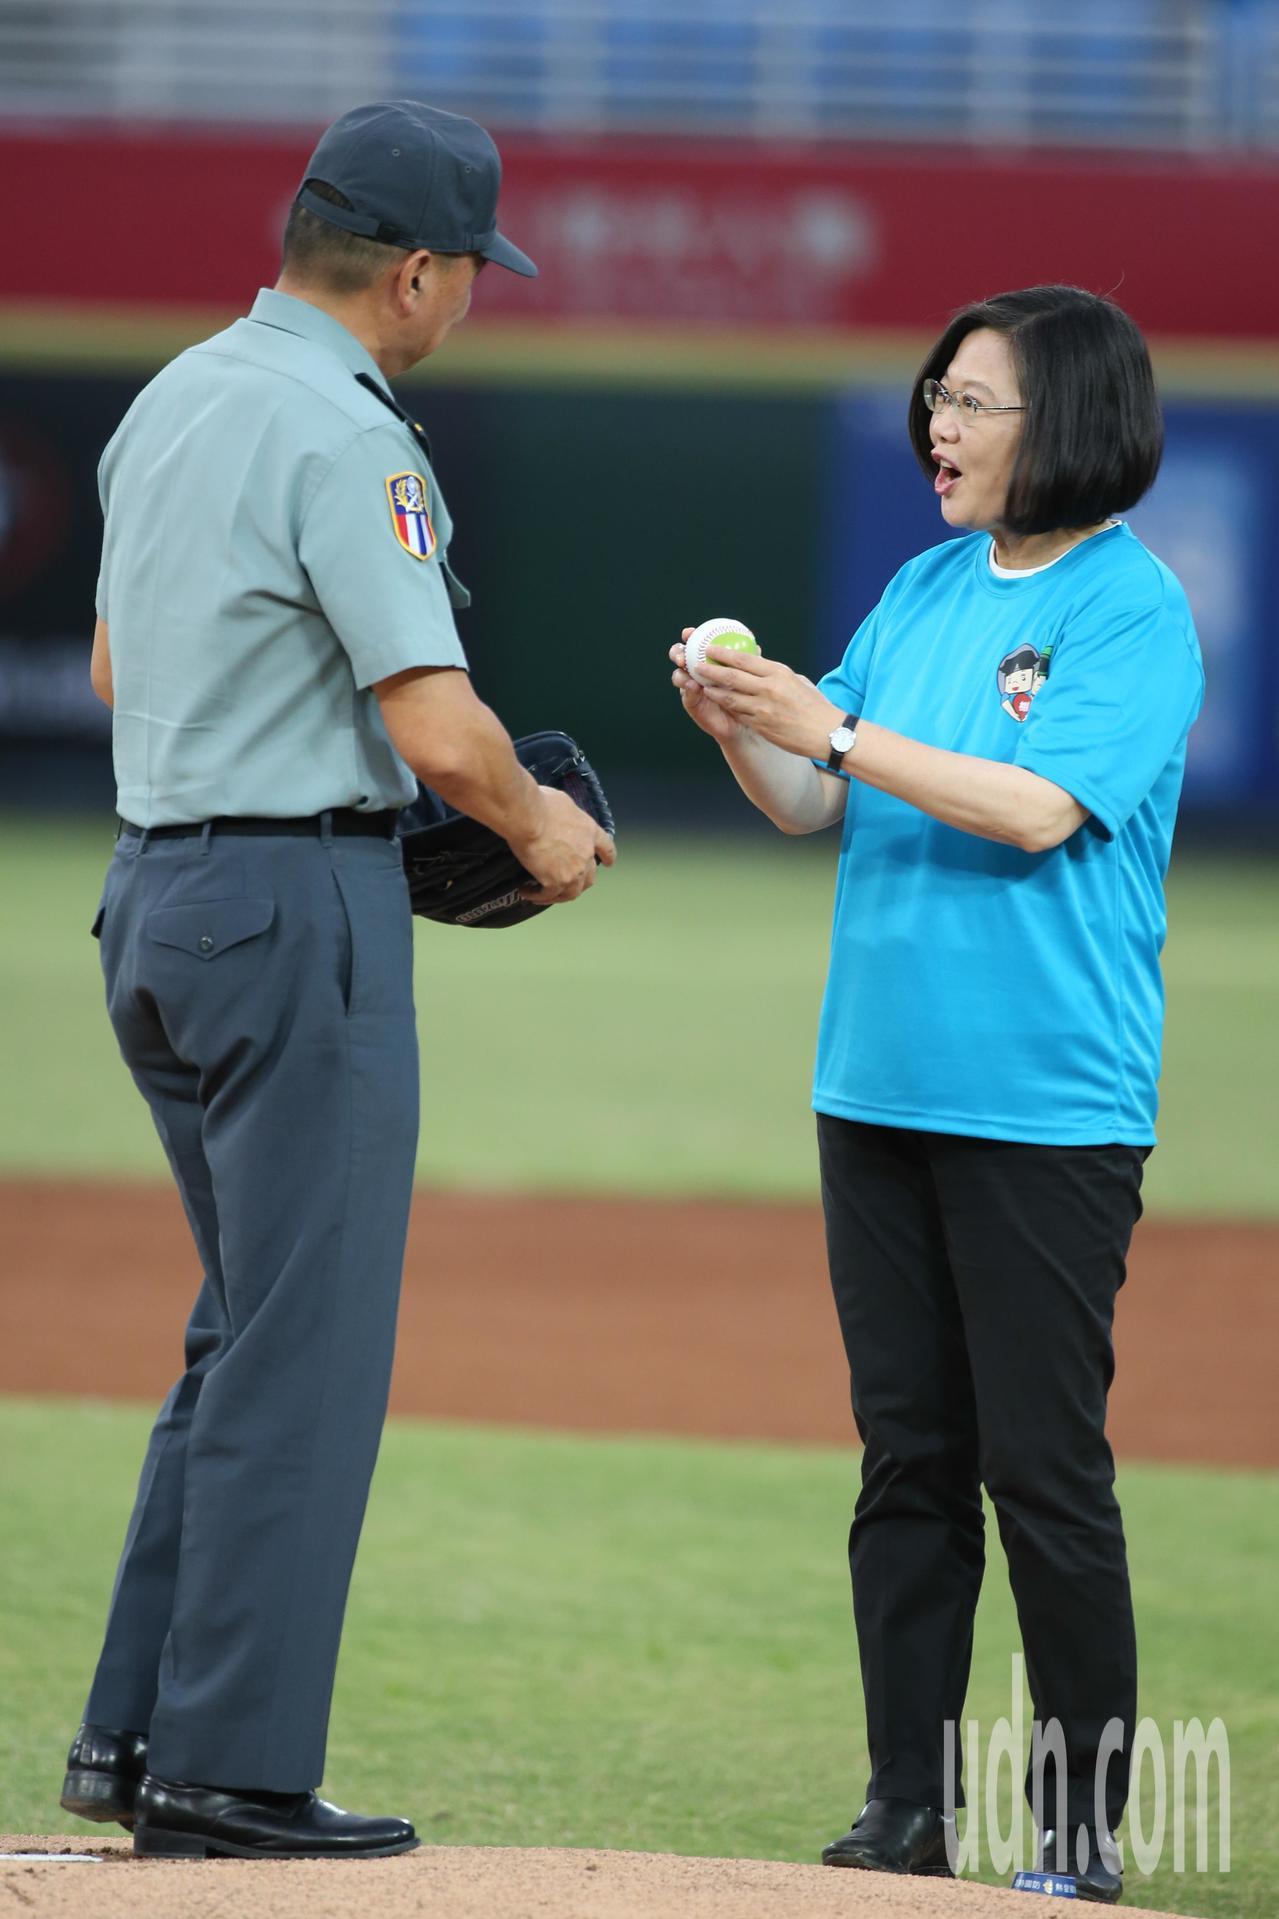 蔡英文總統(右)今天出席軍人節系列活動「鋼鐵英雄紅不讓」職棒開球活動,並將球交給...